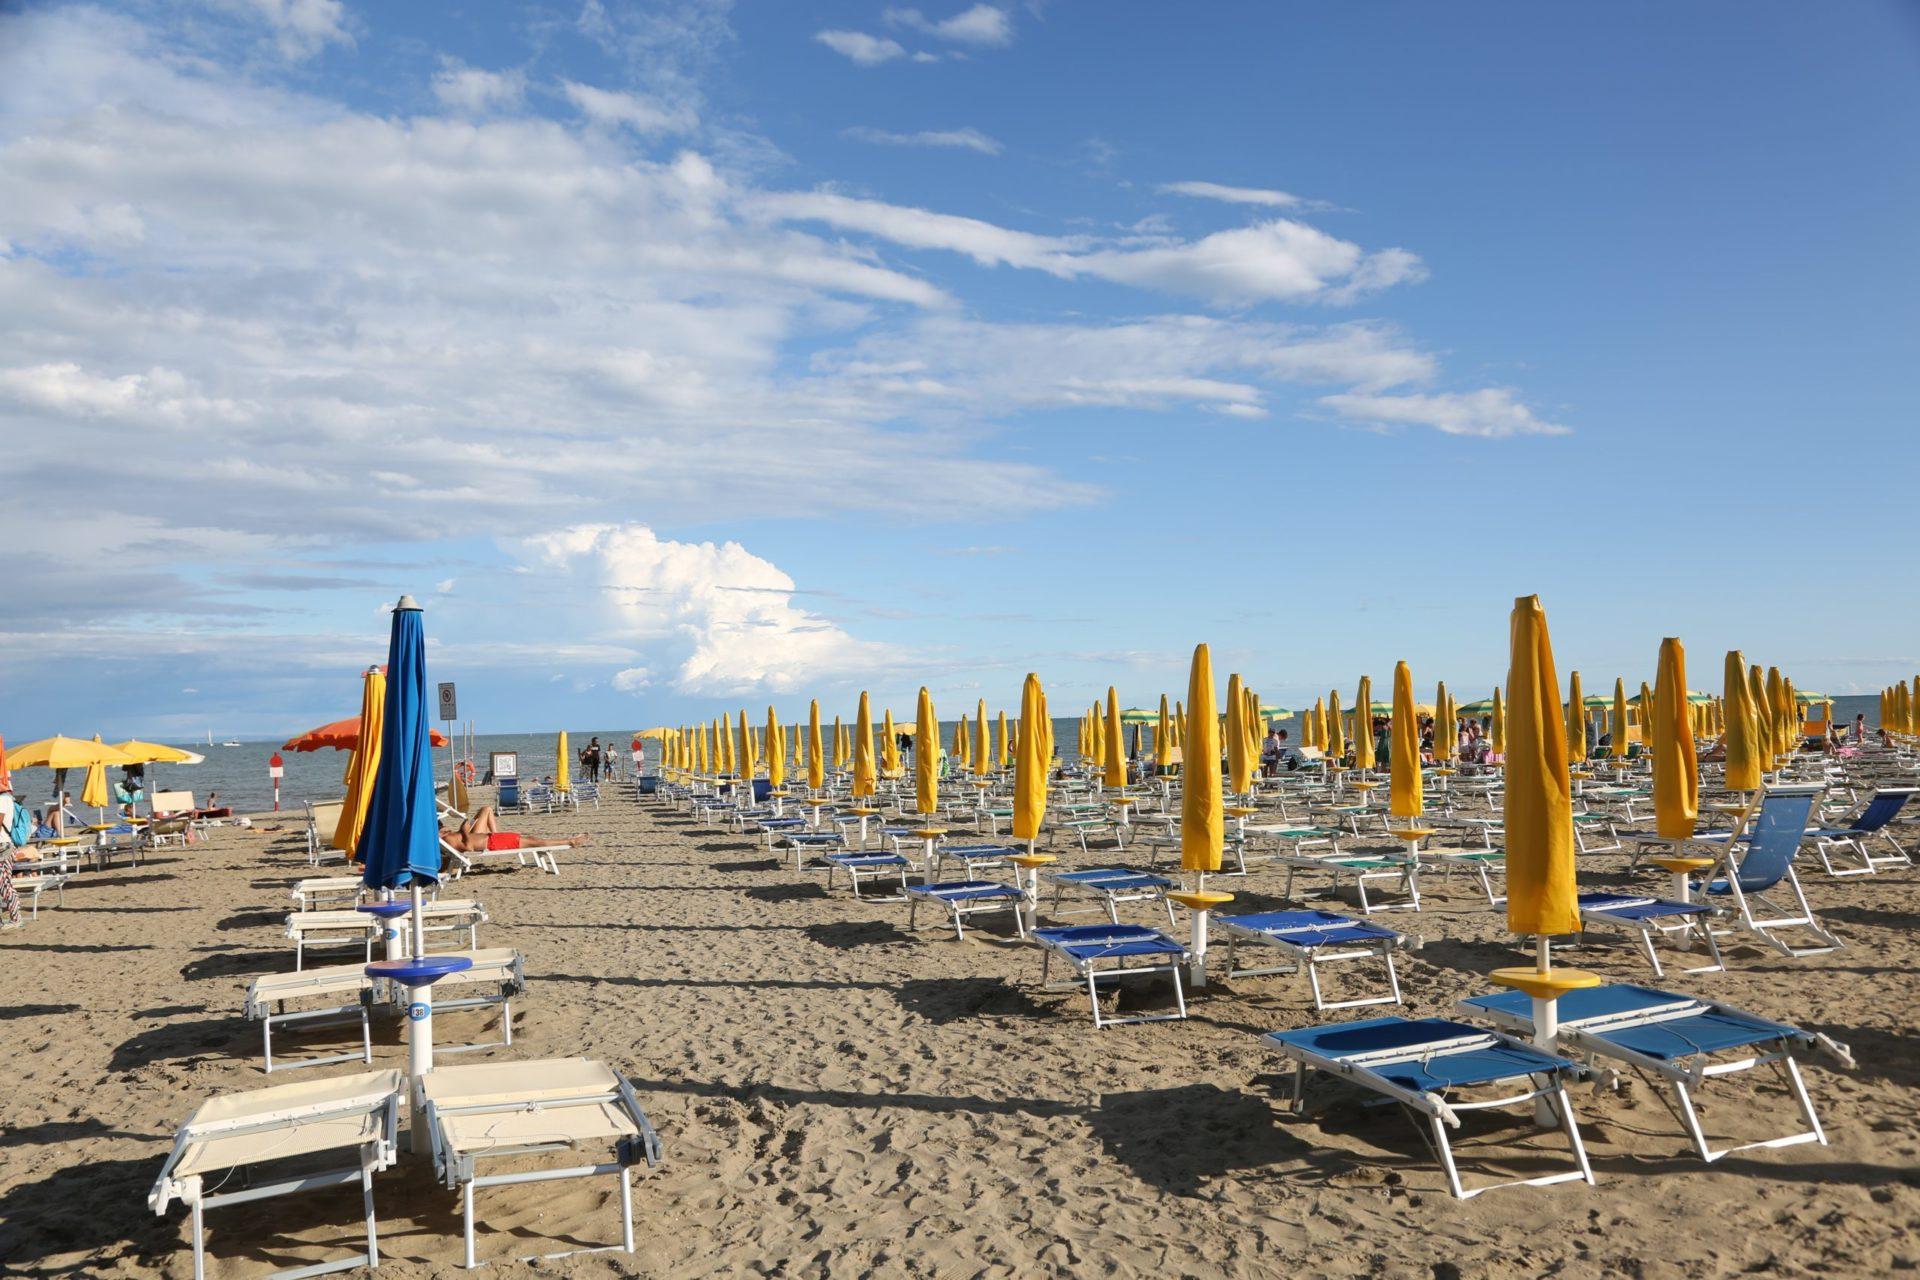 Wassertemperatur Lignano: Sonnenschirme und Liegen, aufgereiht an der Strandmeile von Lignano